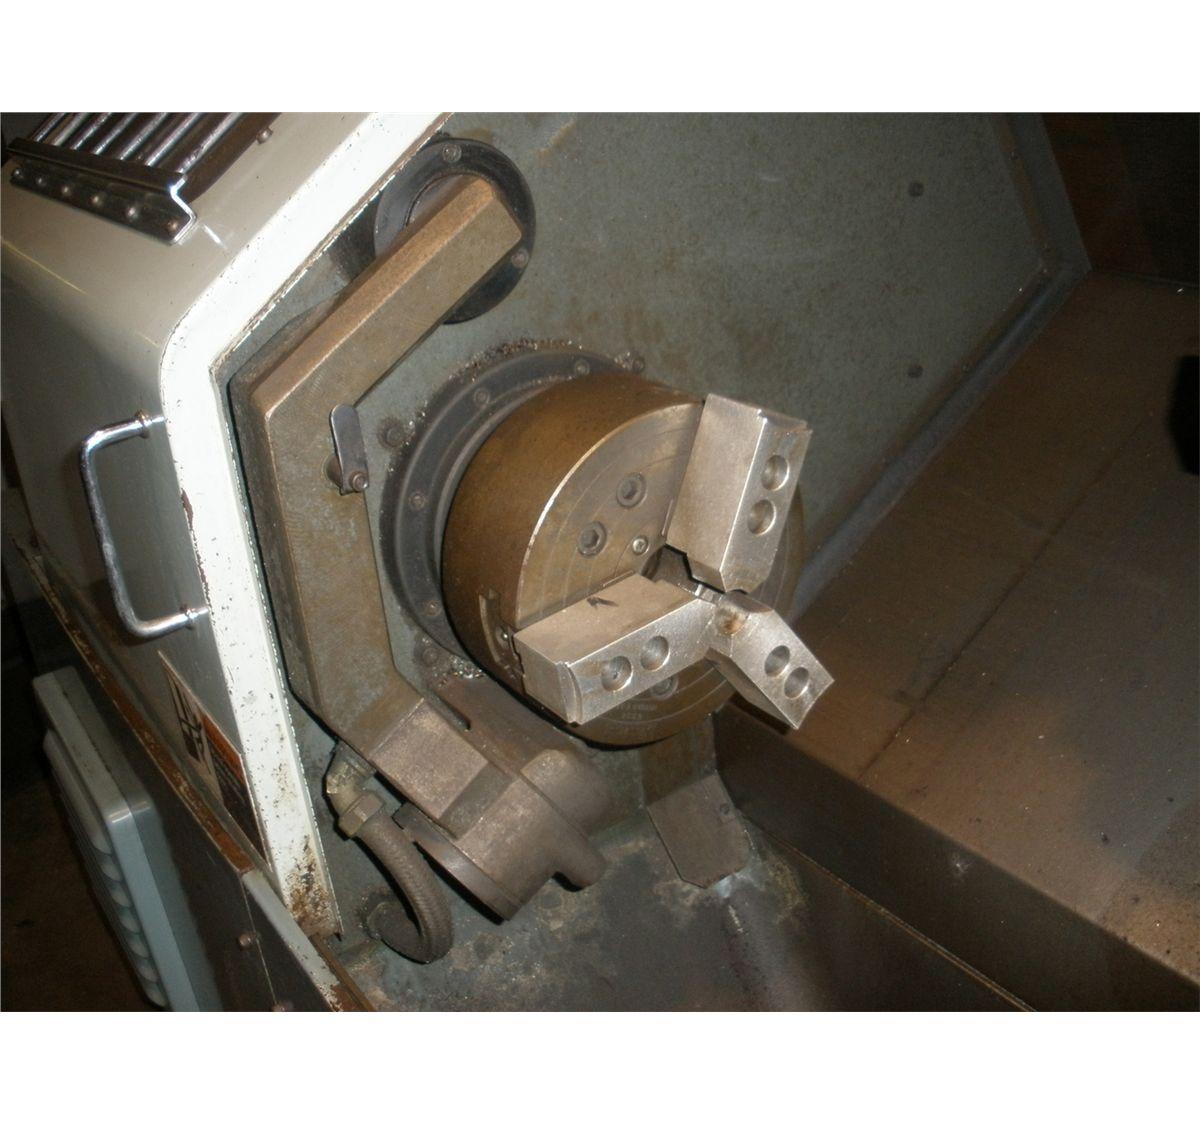 Mori Seiki CNC Lathe AL-2 Yasnac Mx3 Control 8